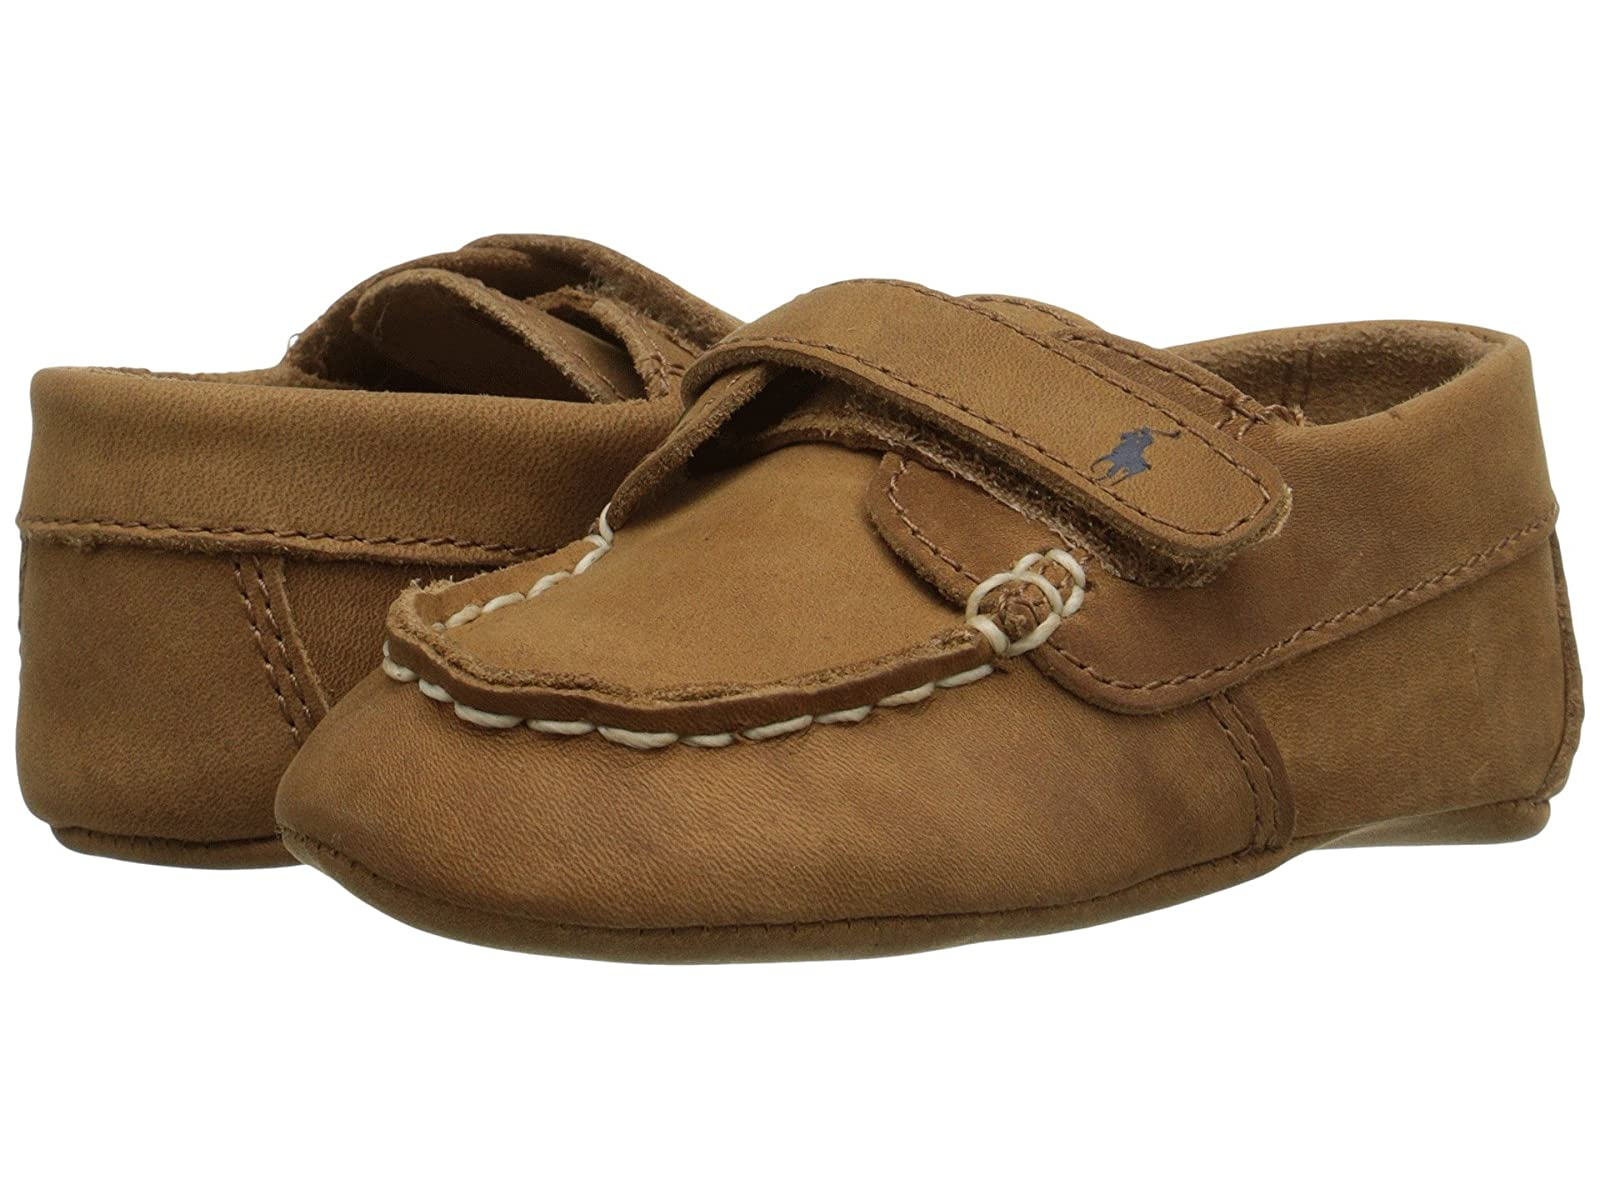 Polo Ralph Lauren Kids Captain EZ Soft Sole (Infant/Toddler)Atmospheric grades have affordable shoes